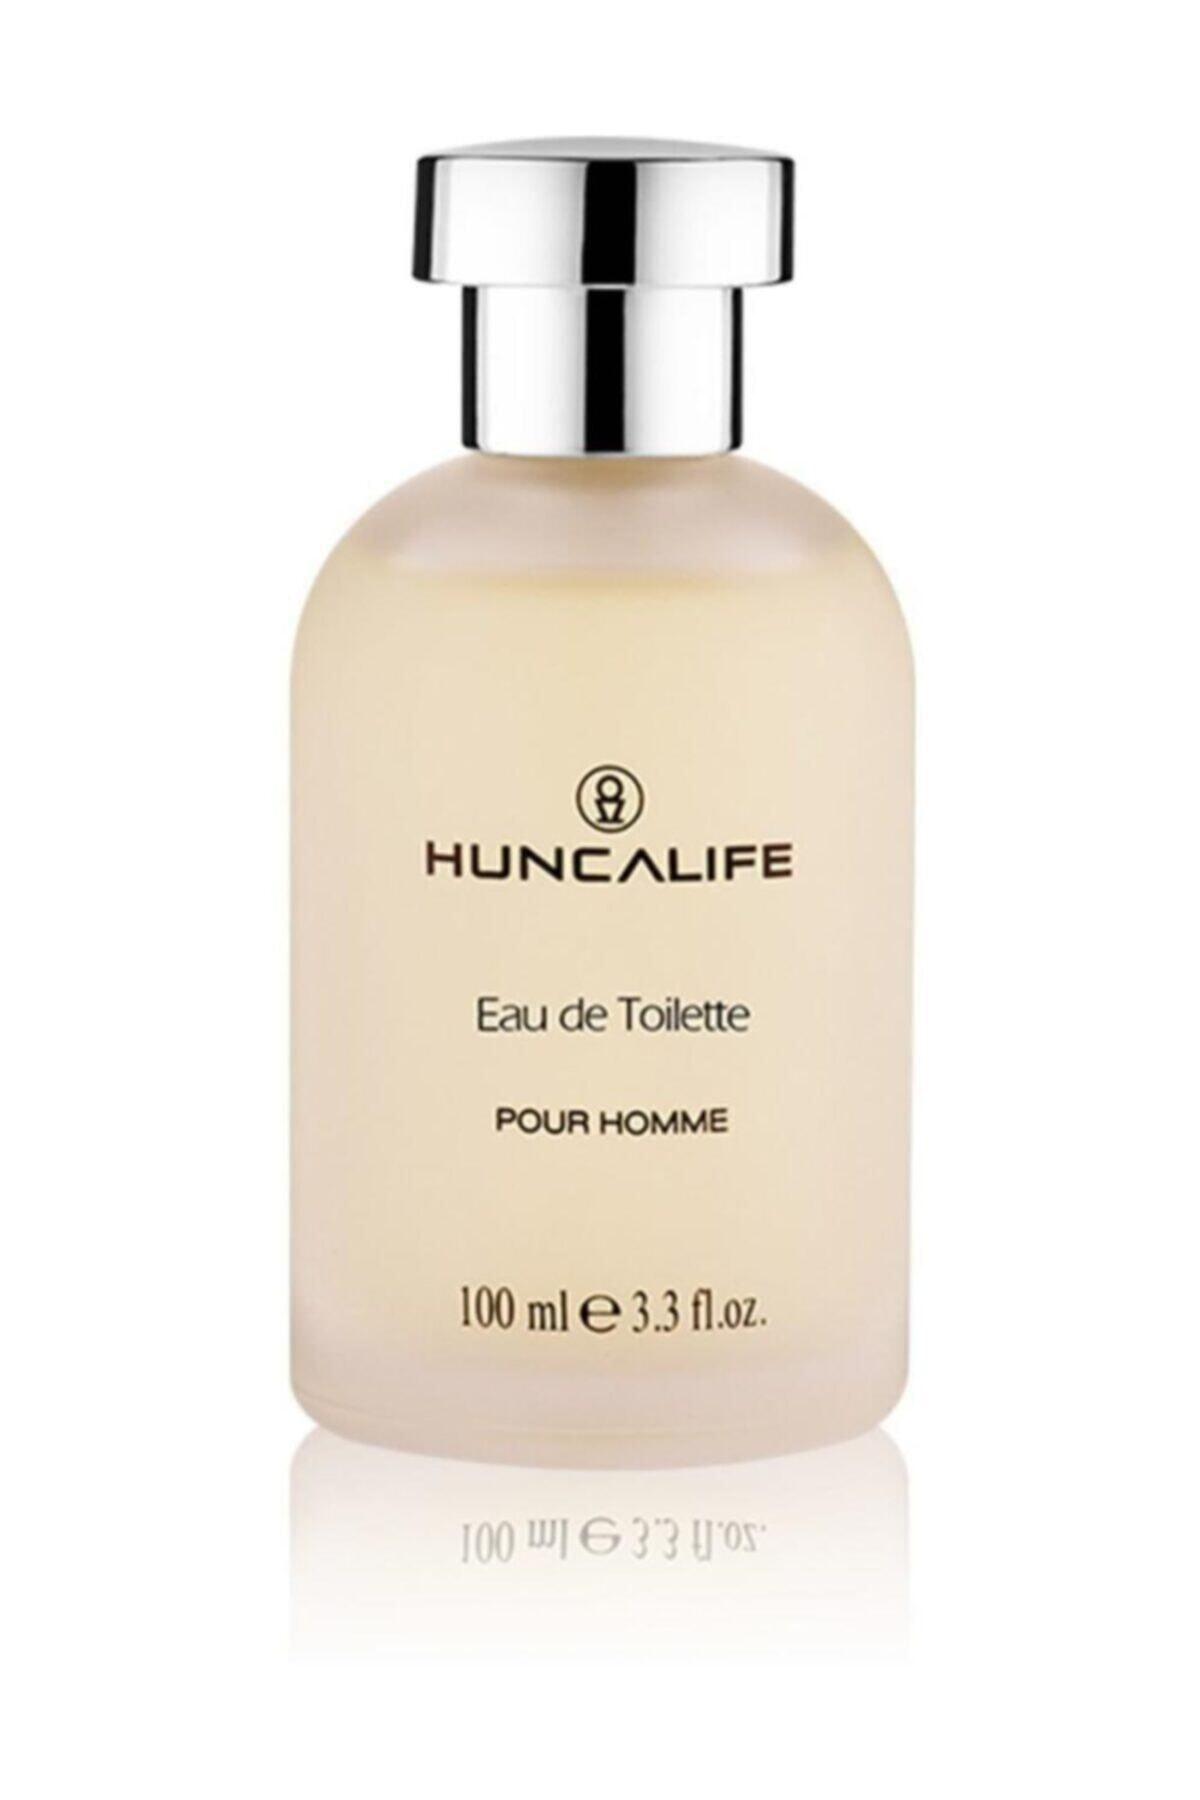 Huncalife Pour Homme Erkek Edt 100 ml - City Men 1